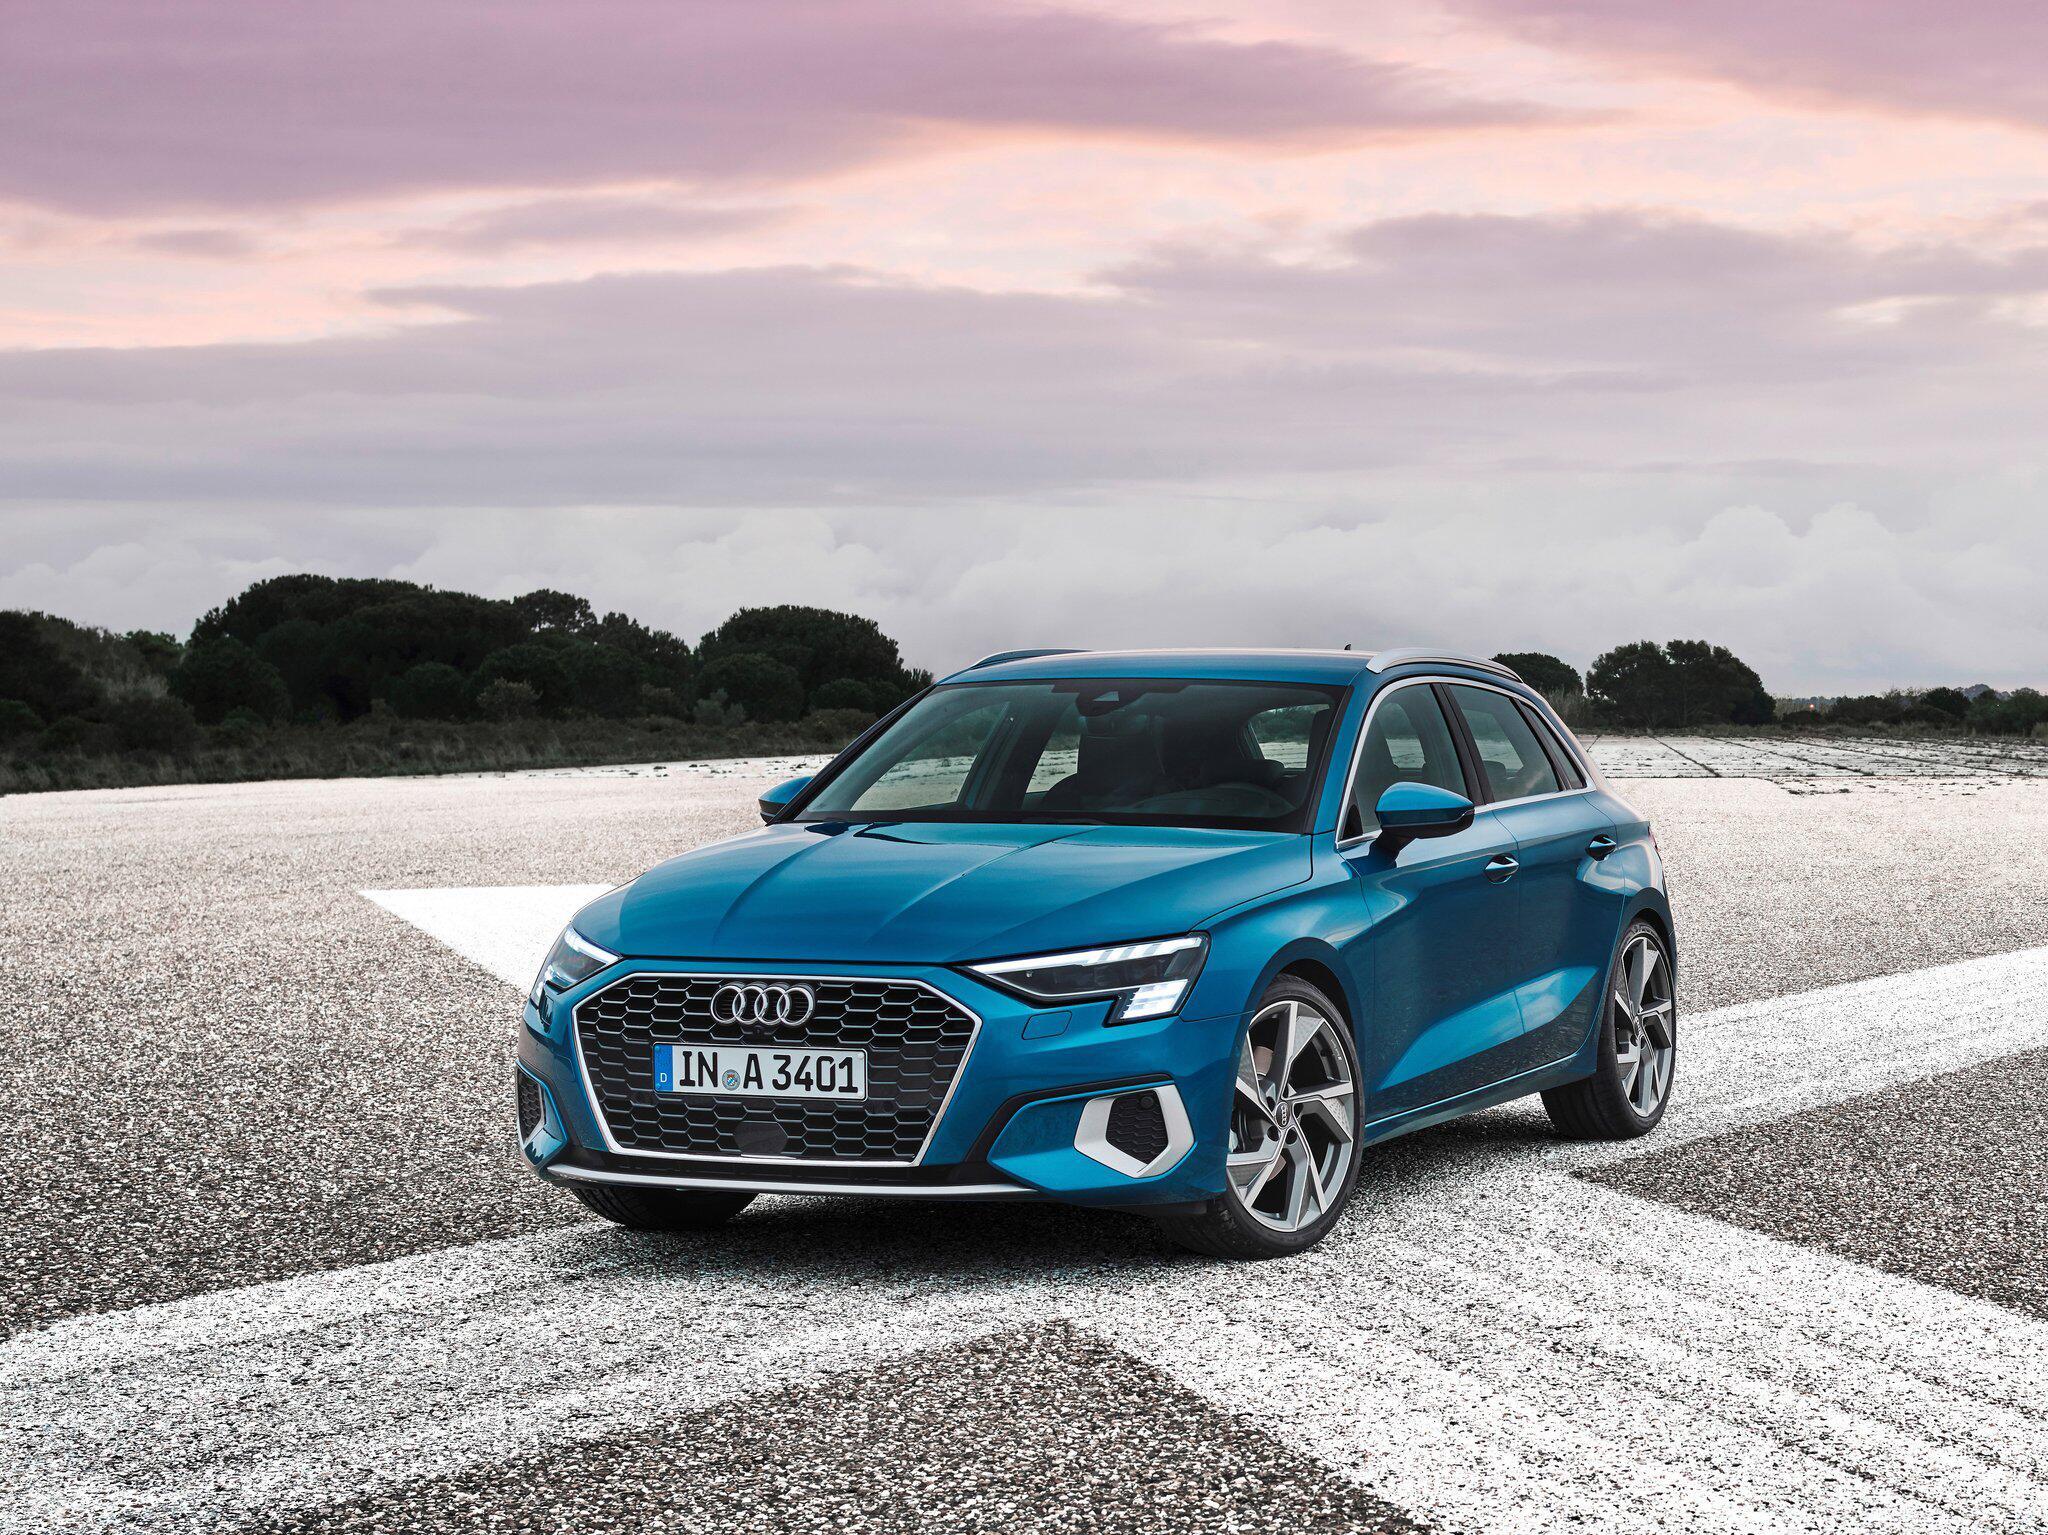 2 X Neuer Original Audi Motorhaube Stoppt Audi Ur Quattro Turbo Coupe //